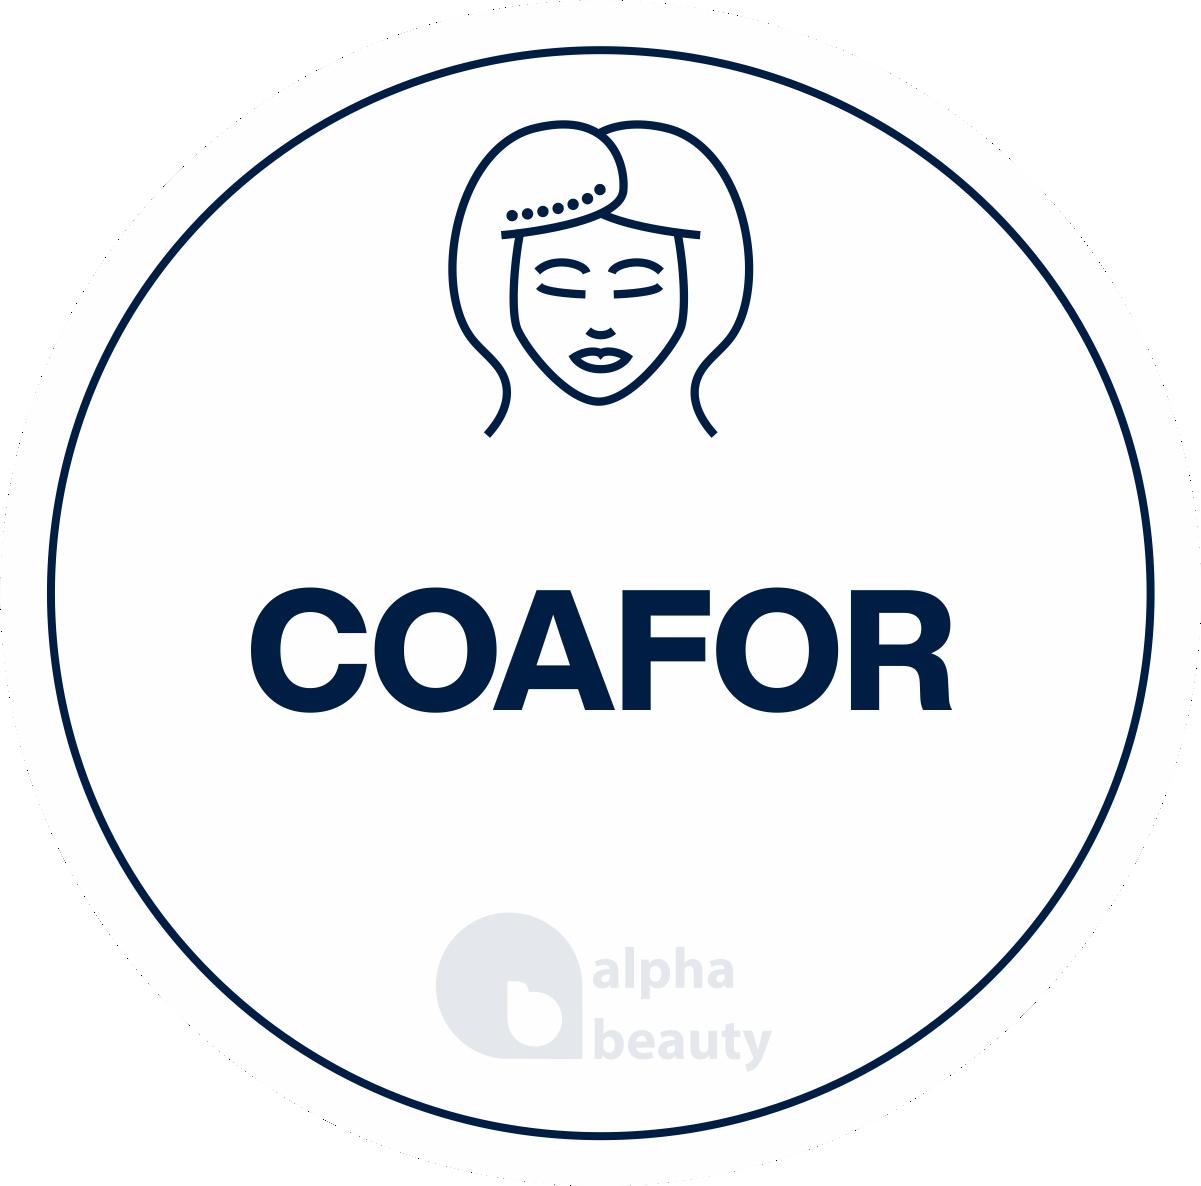 Coafor